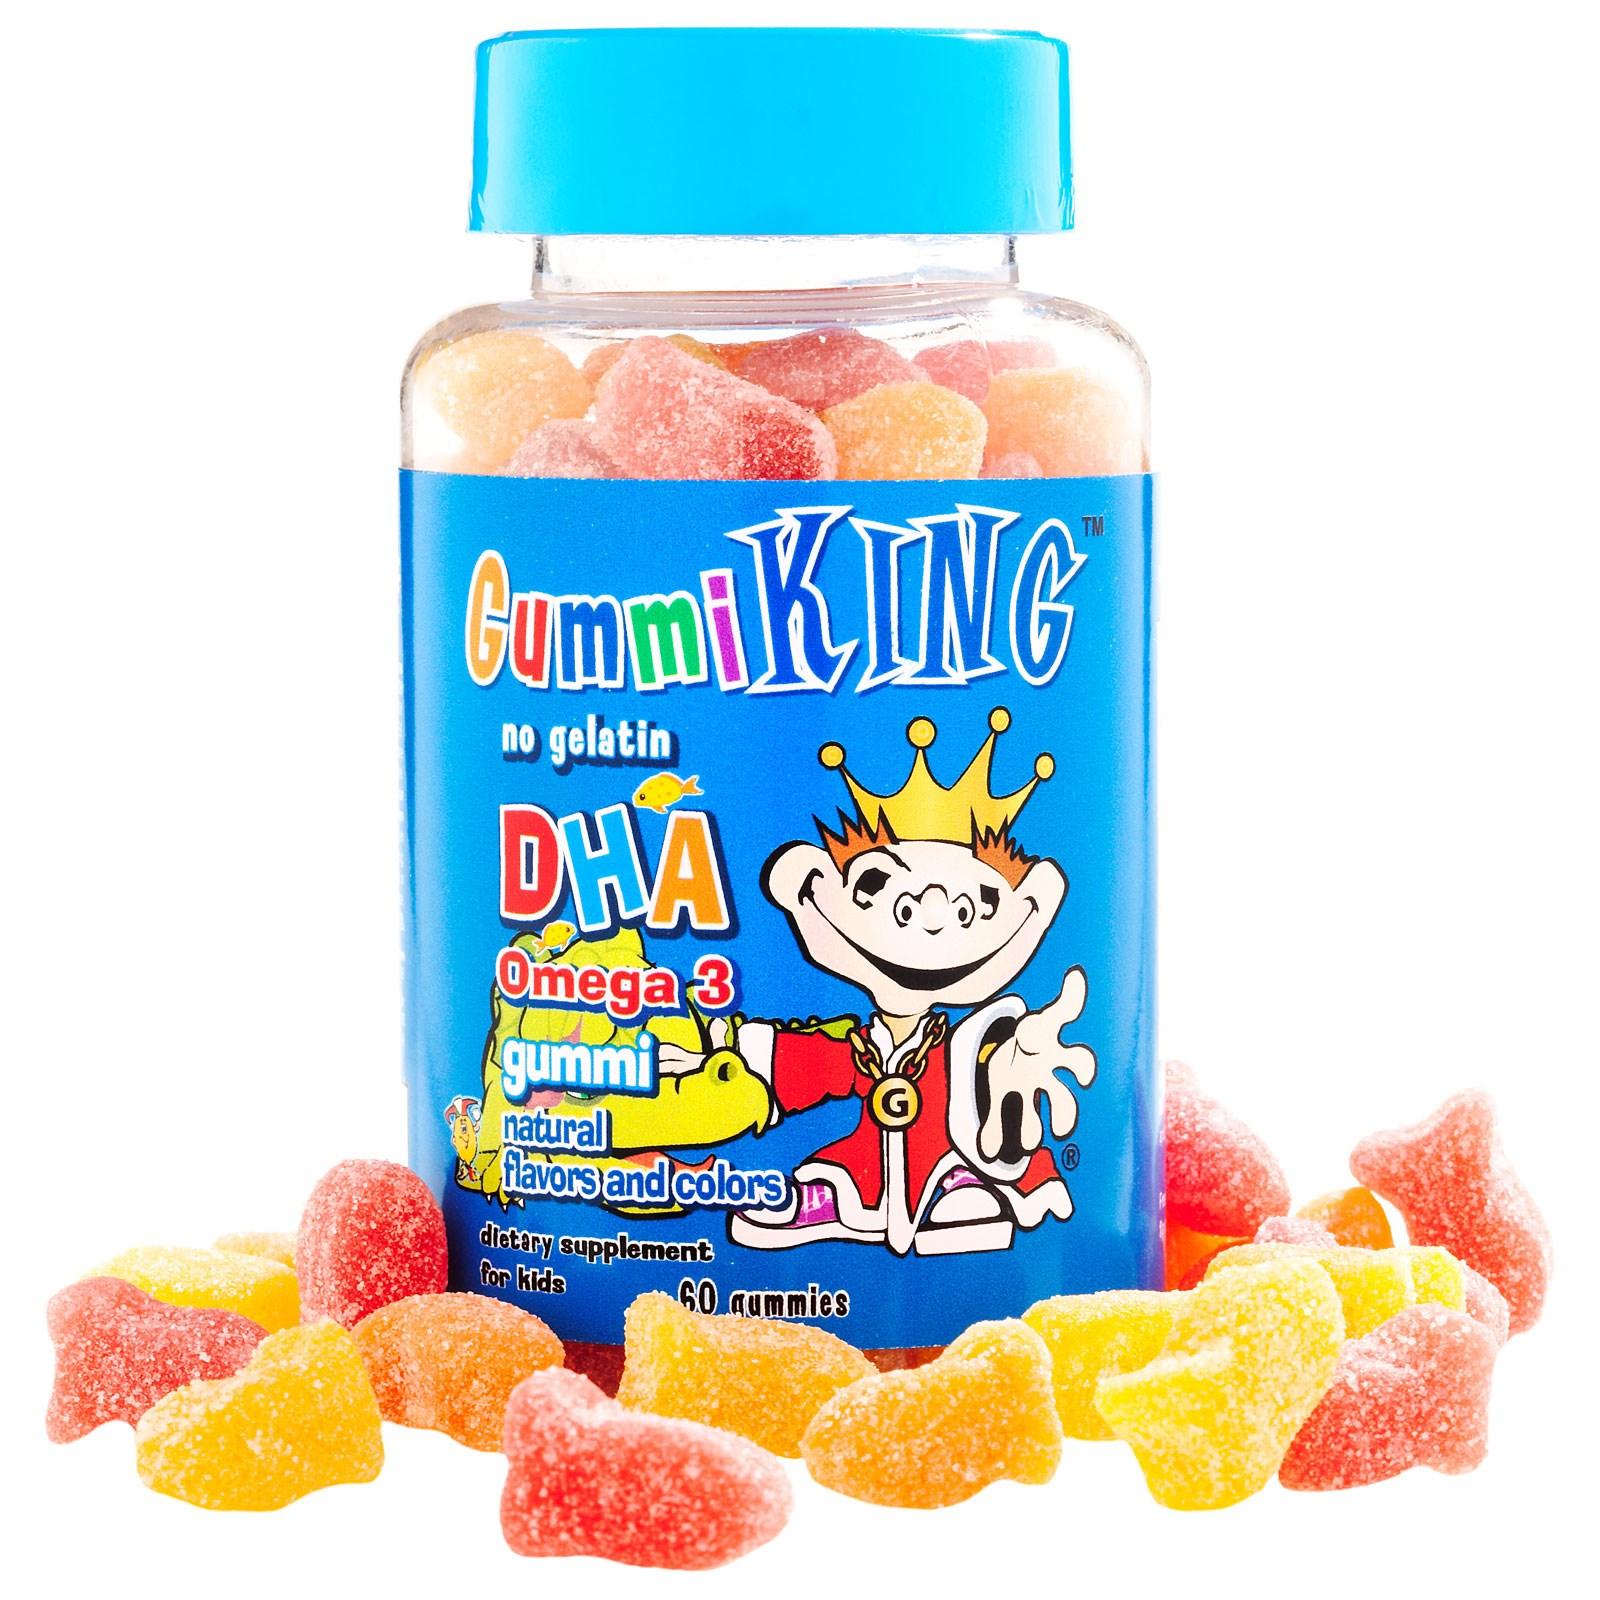 Омега-3 в виде конфет для детей от Gummi King (60 штук)